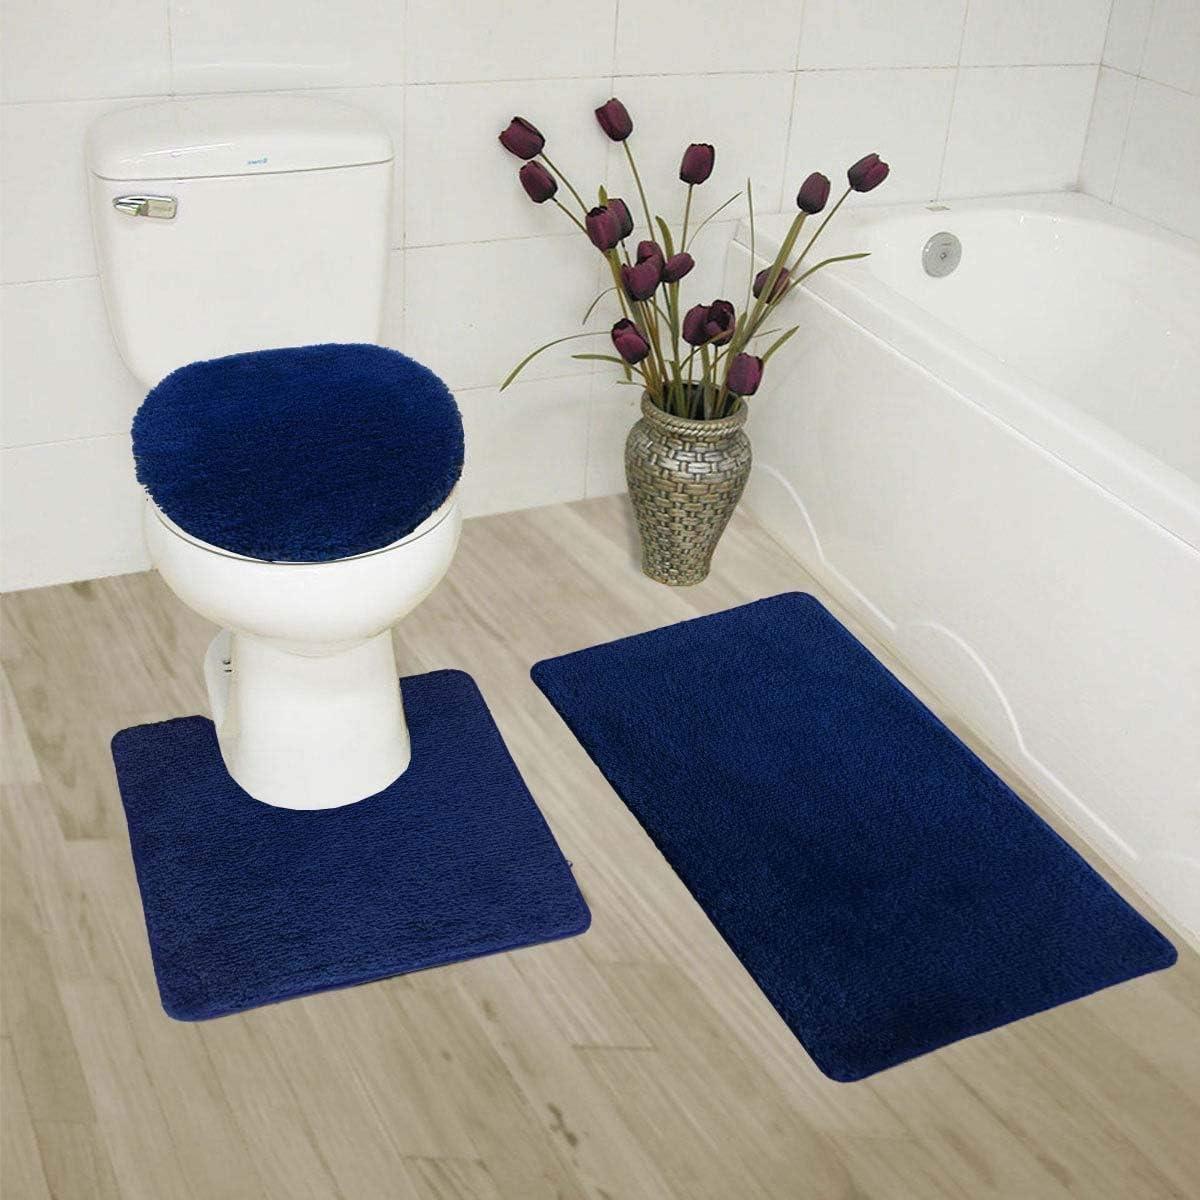 Elegant High quality Home Goods Solid Color 3 Set Bath Rug Piece Bathroom Oklahoma City Mall